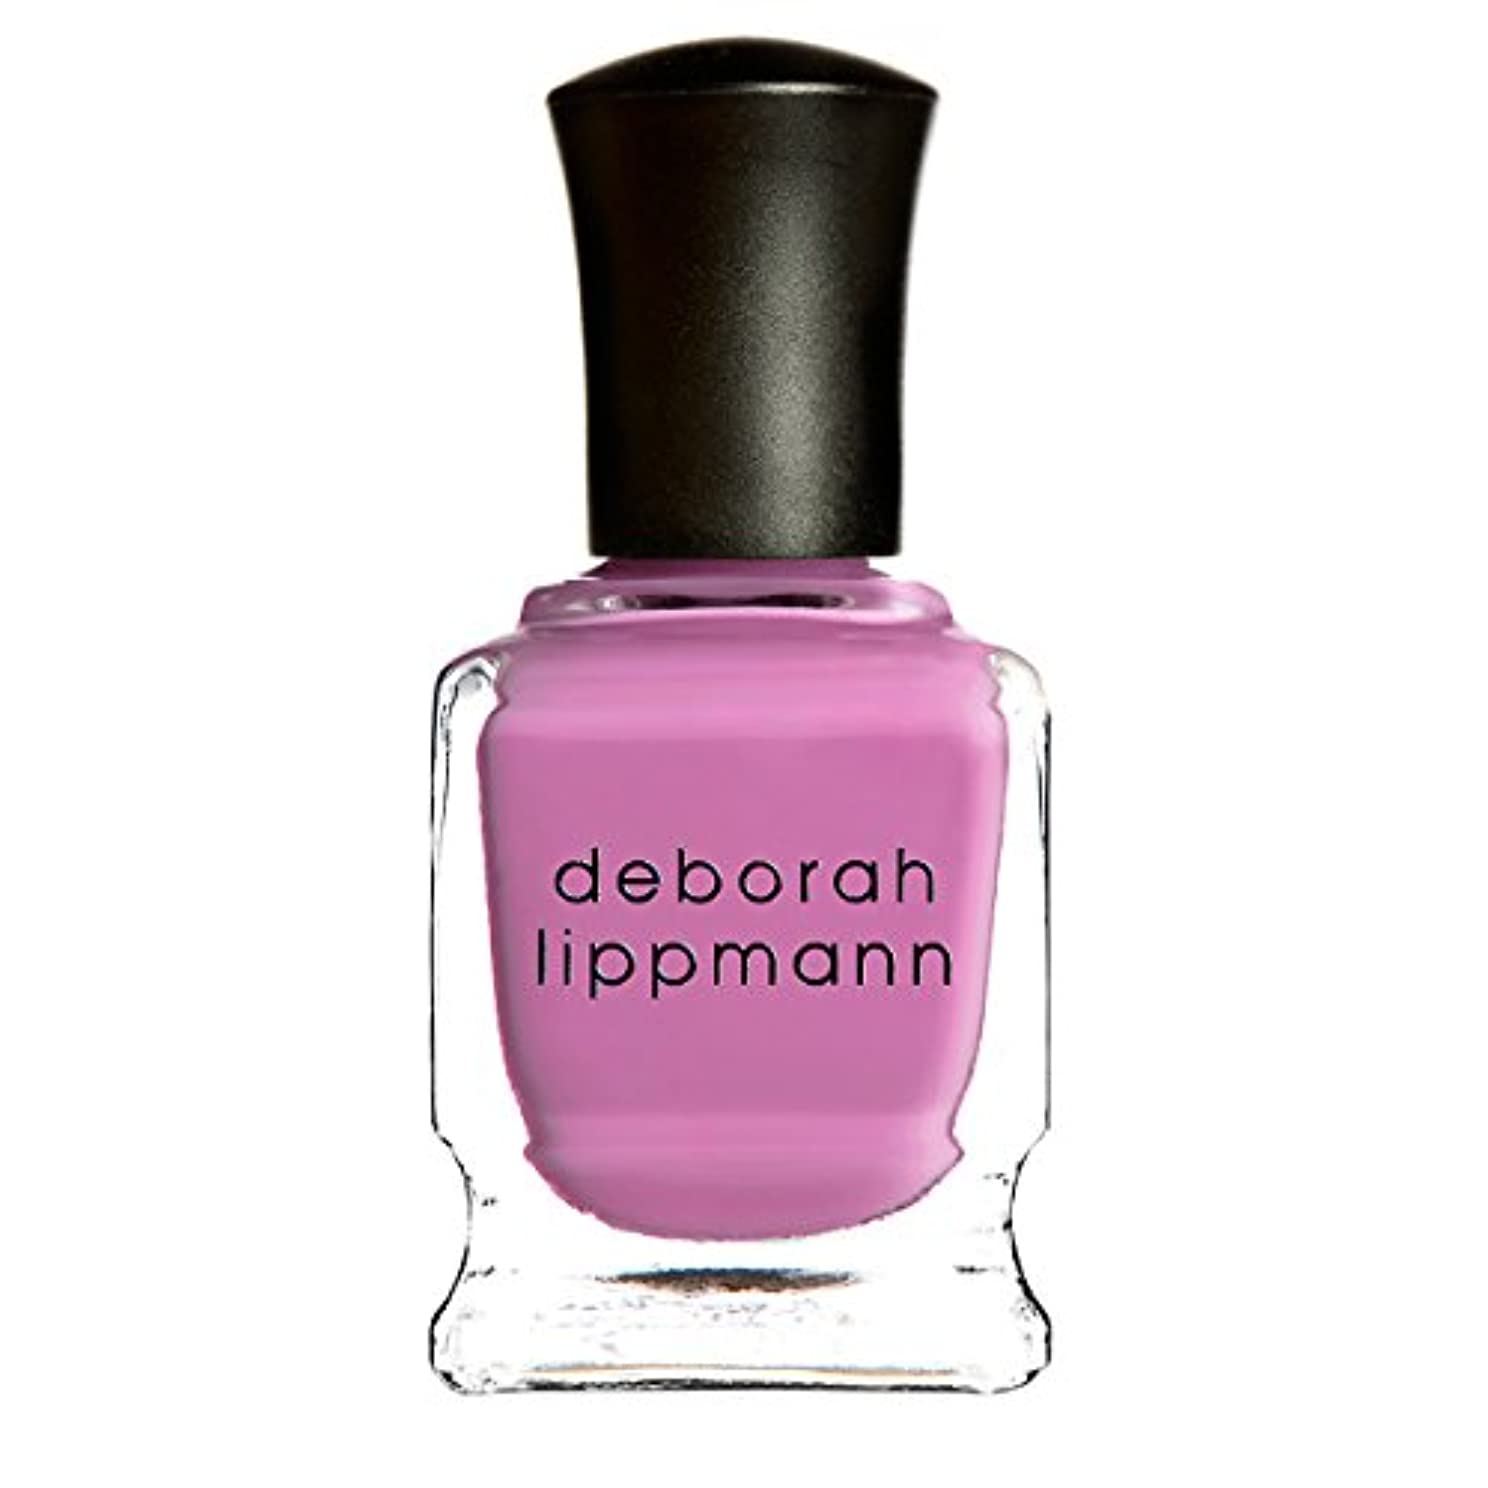 ガイドどちらか近代化する[Deborah Lippmann] デボラリップマン ミニ ポリッシュ ネイルポリッシュ ピンク系 「シーバップ 」 8 ml 【デボラリップマン】 SHE BOP【deborah lippmann】